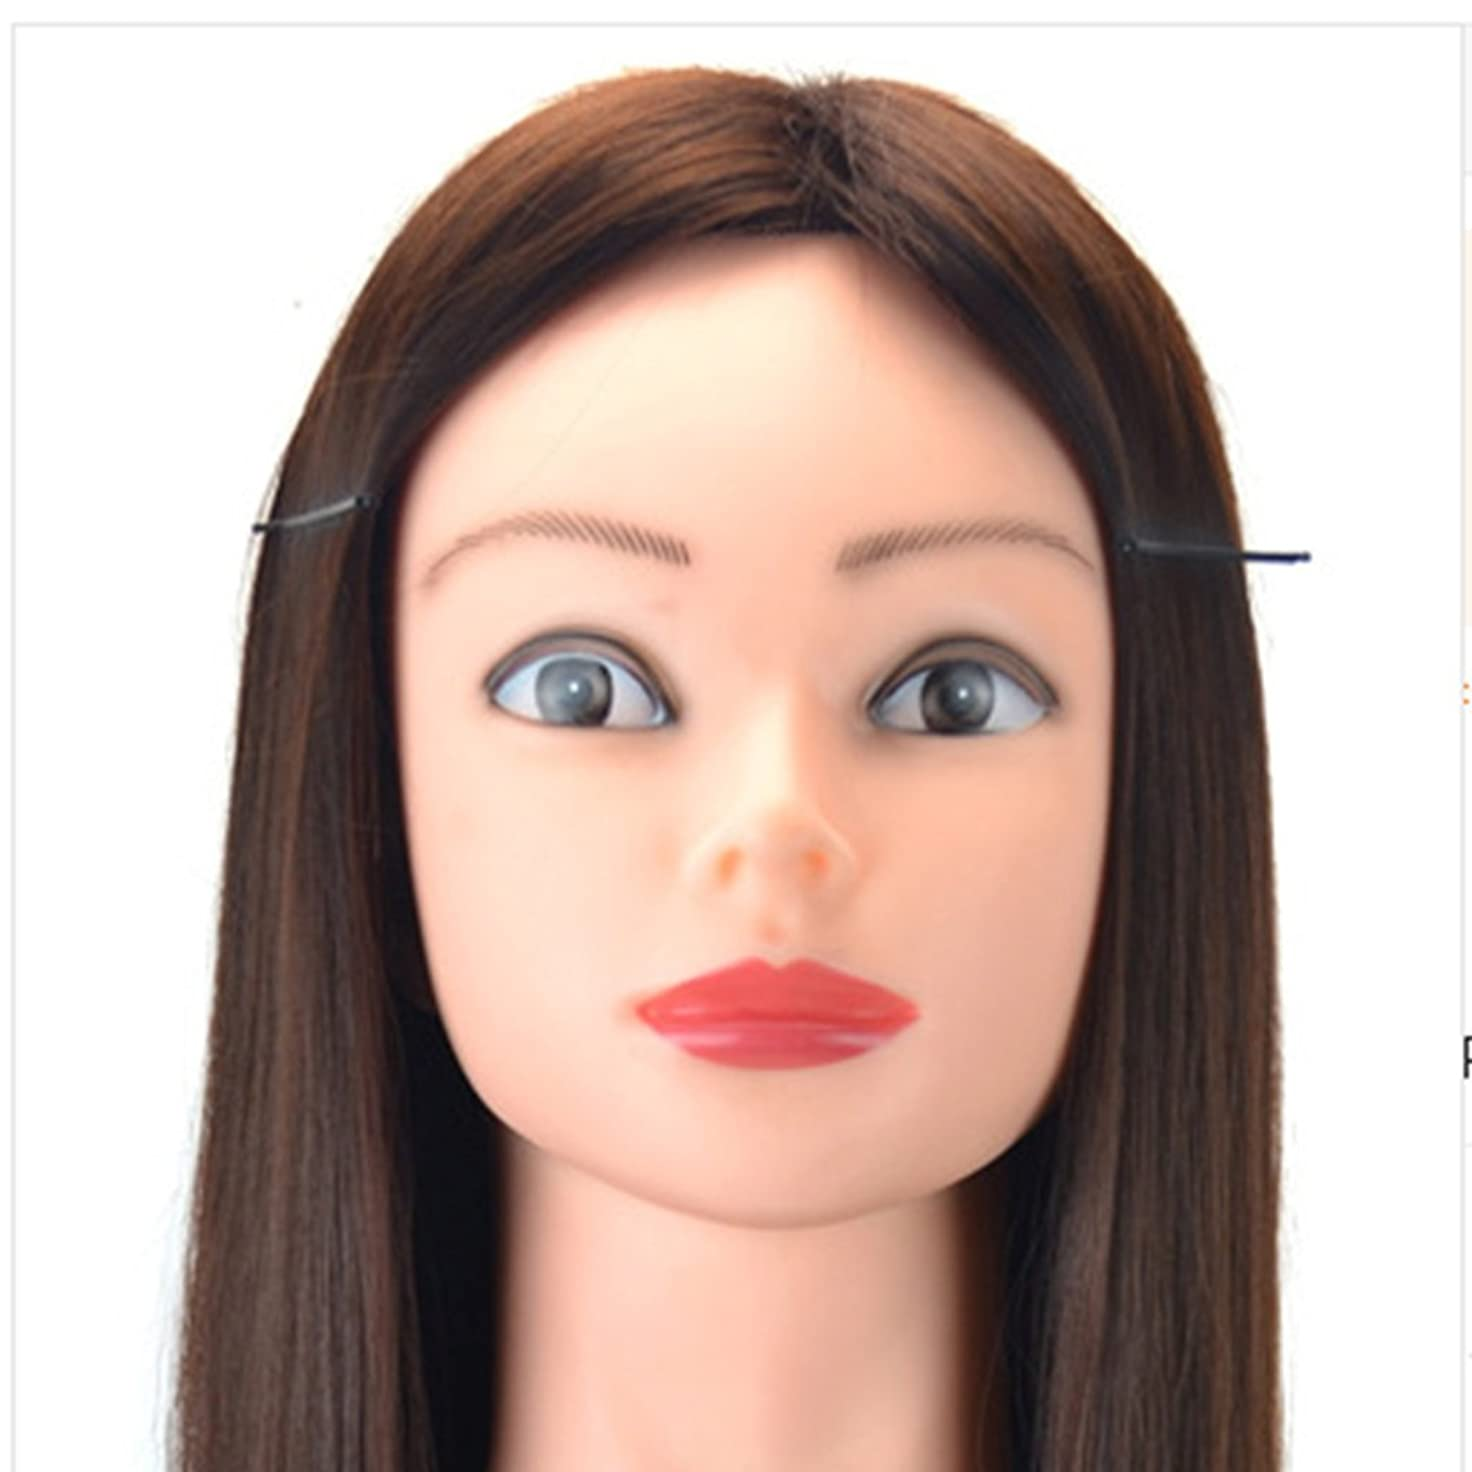 無秩序急いで交流するJIANFU メイク修理またはウィッグヘッドとブラケットティーチングヘッドを含む60cmのウィッグヘッドをカットして髪を編む練習用ディスク (Color : Chestnut)